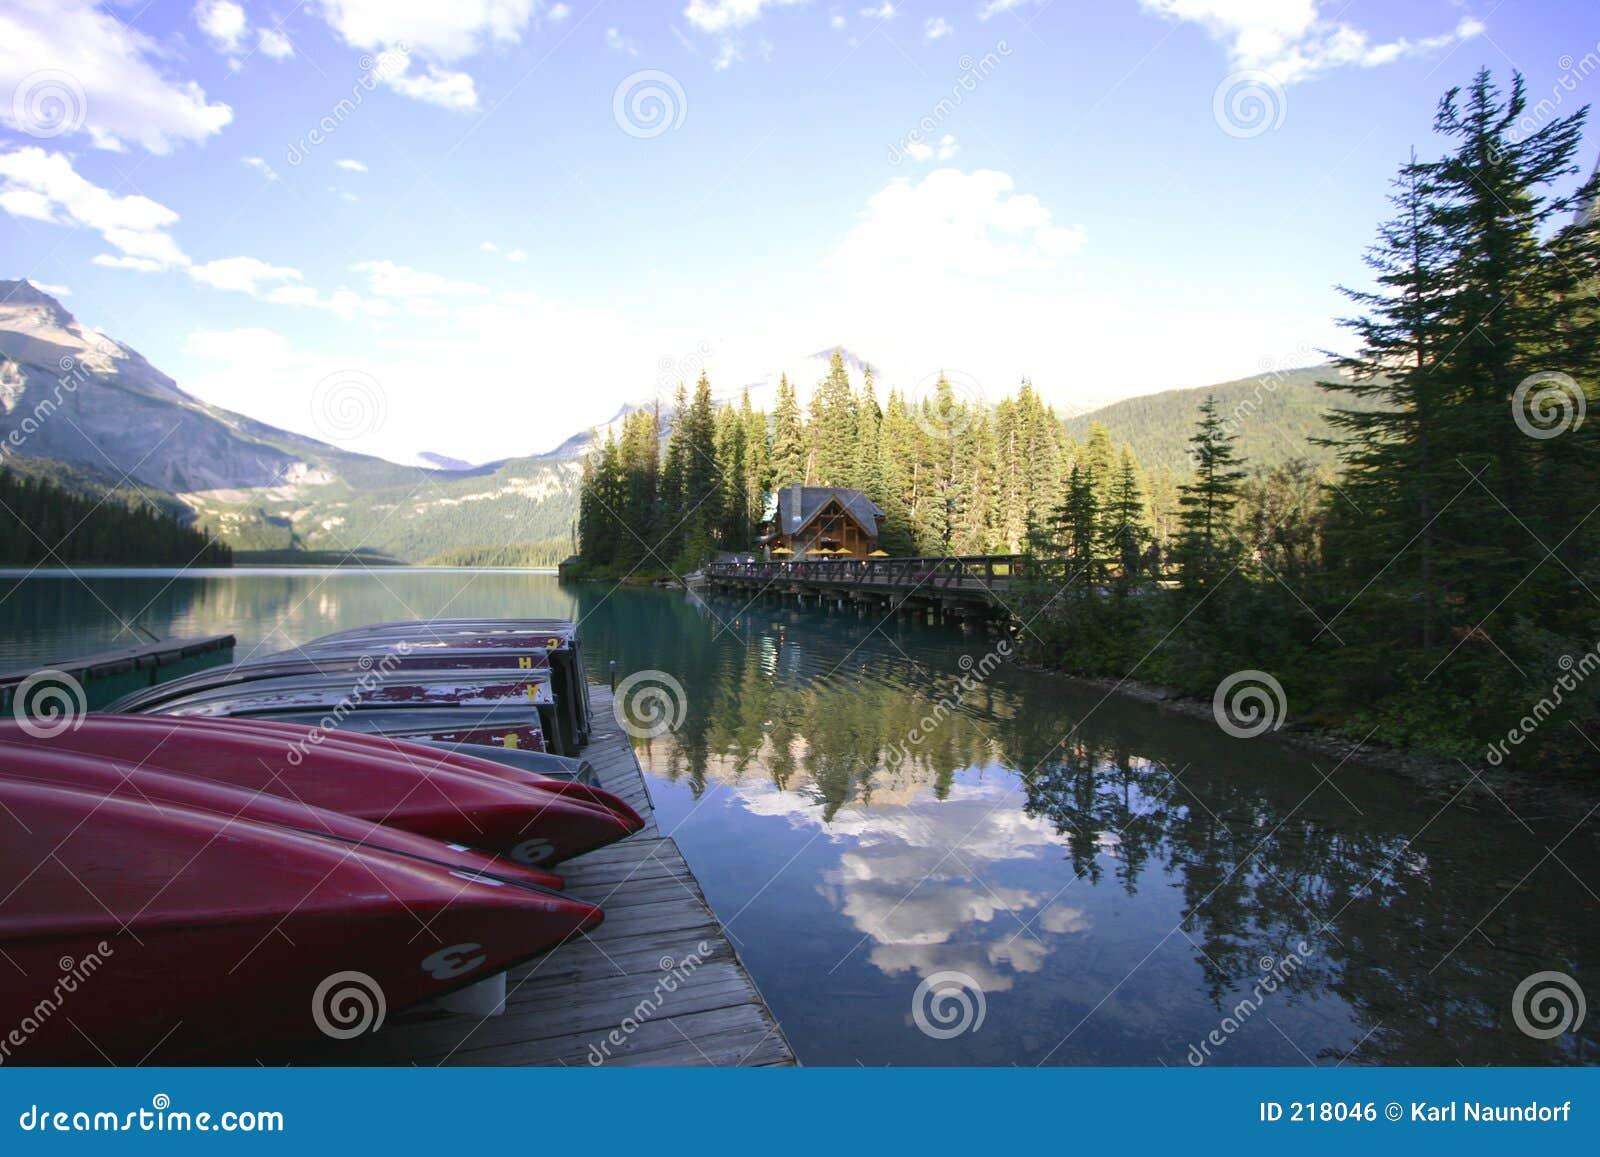 Mount łodzi jeziora.